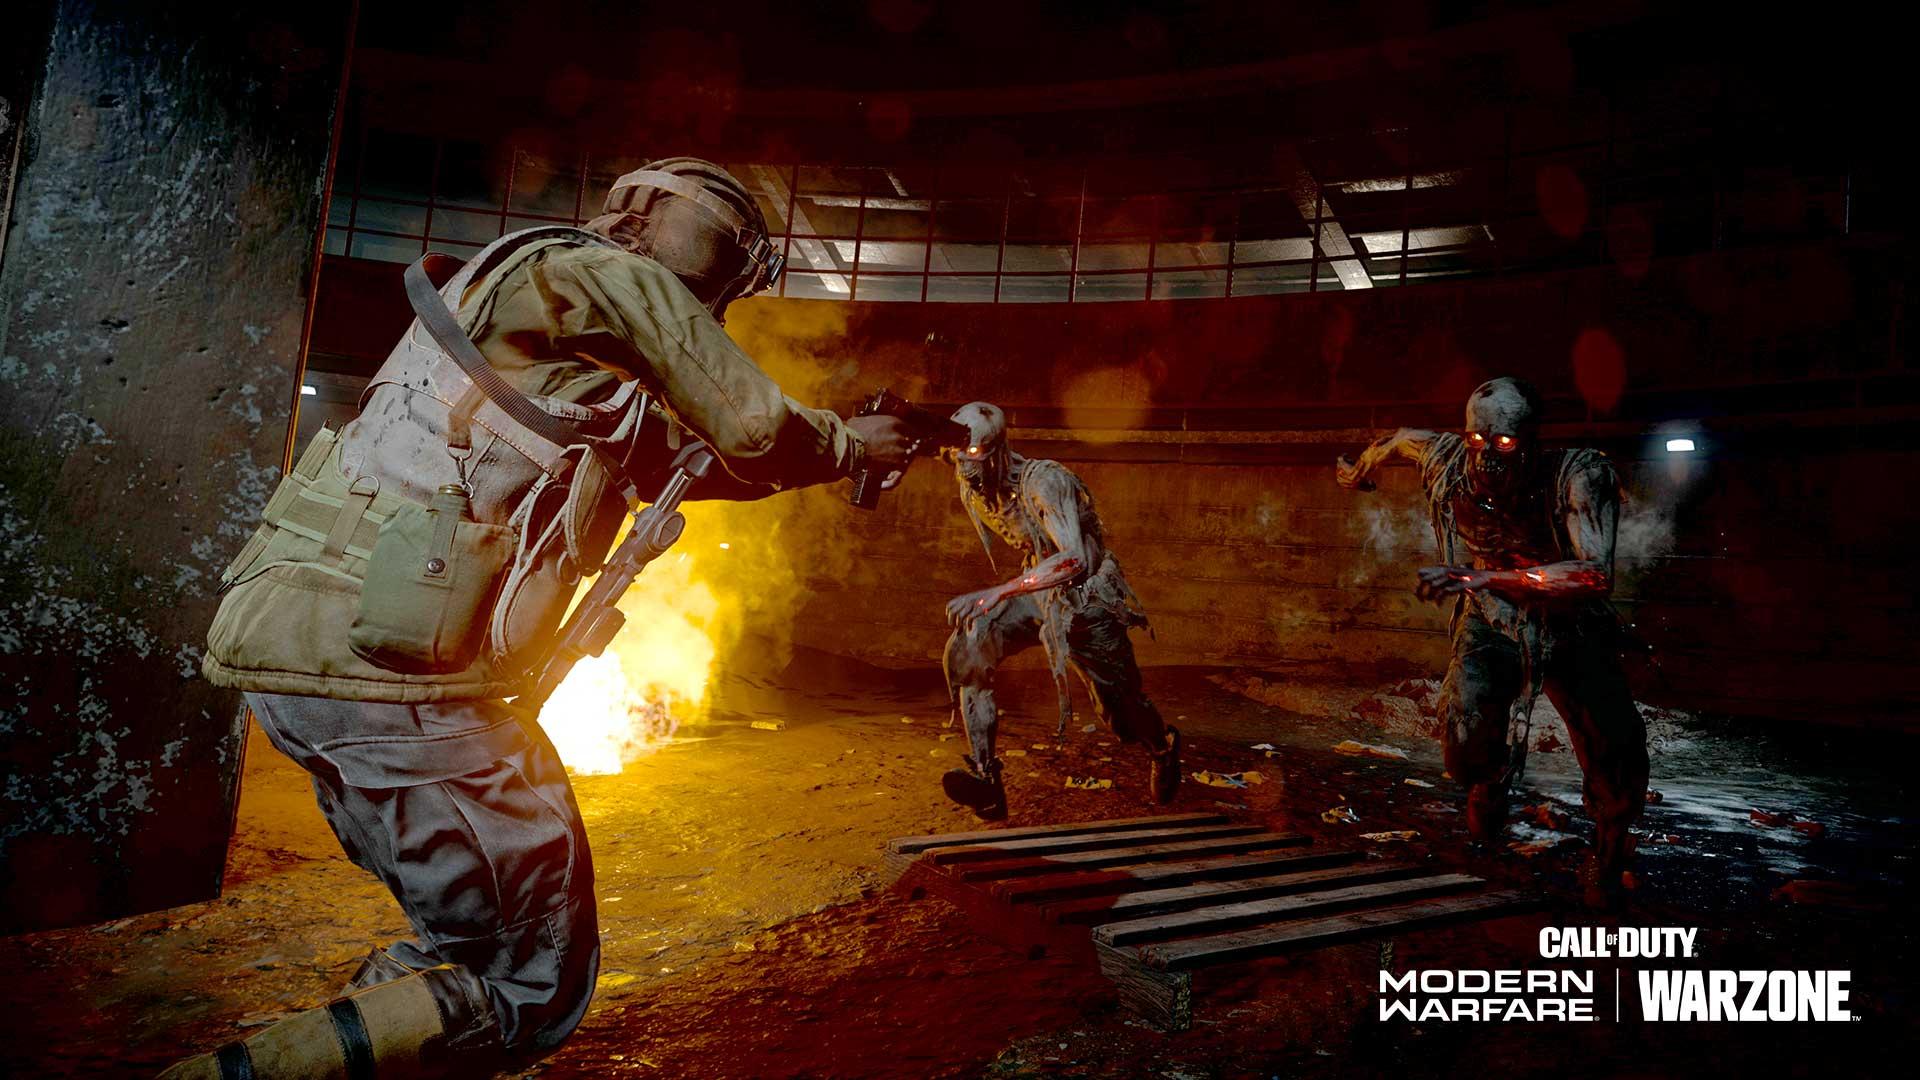 modern warfare, warzone night mode